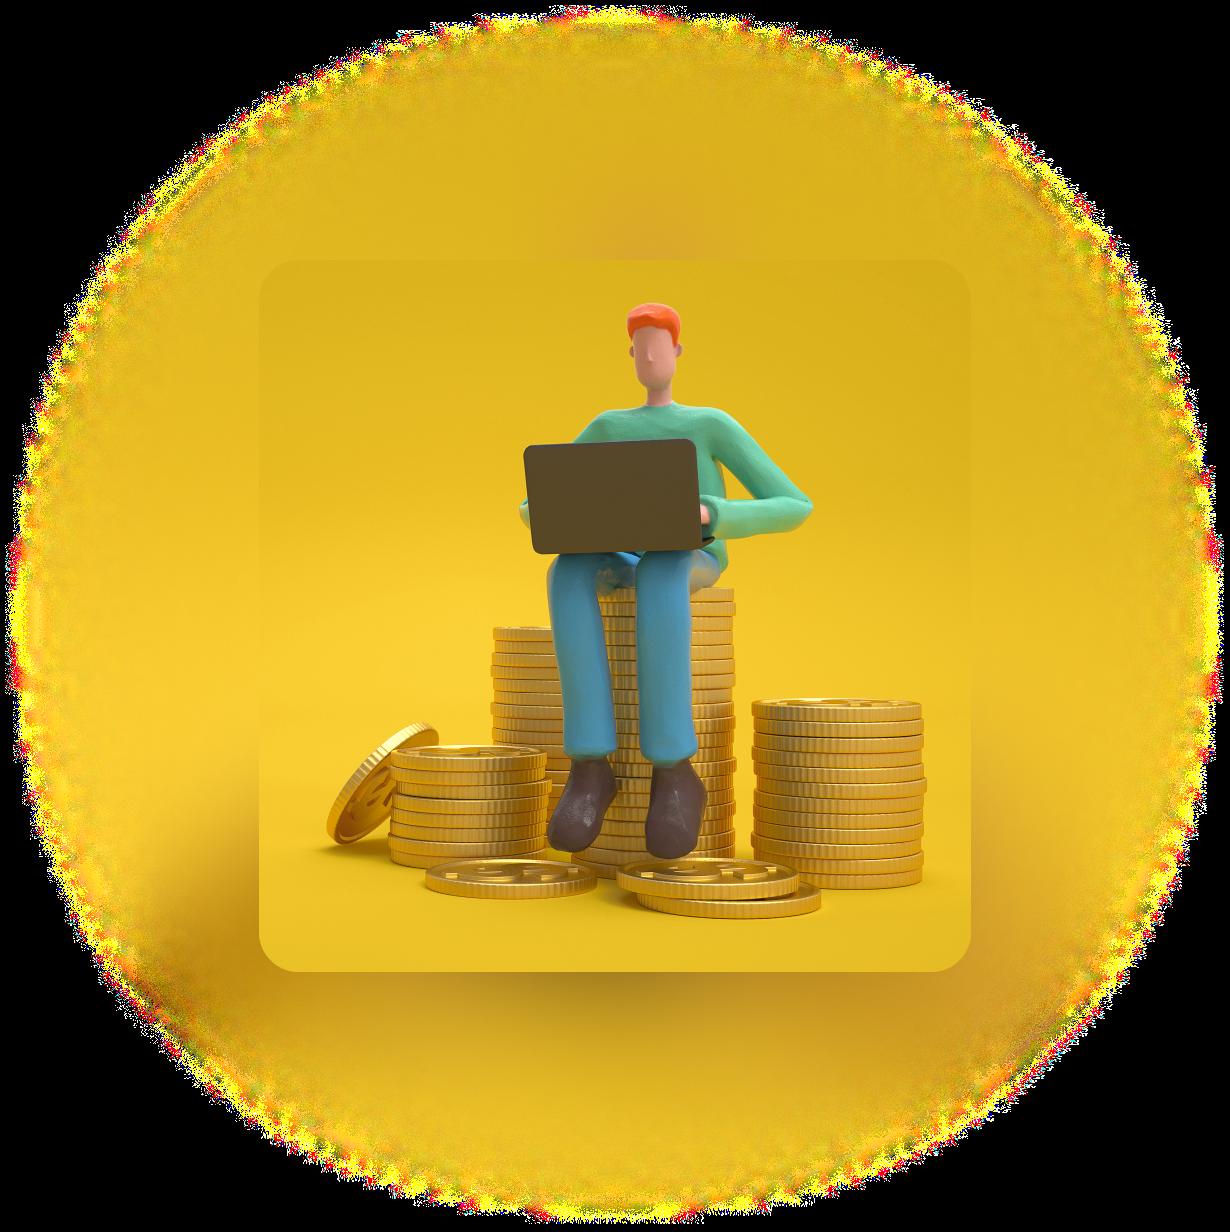 Boneco 3D de cabelos ruivos, camiseta verde e calça azul sentado com seu computador portátil sobre uma pilhas de moedas de ouro